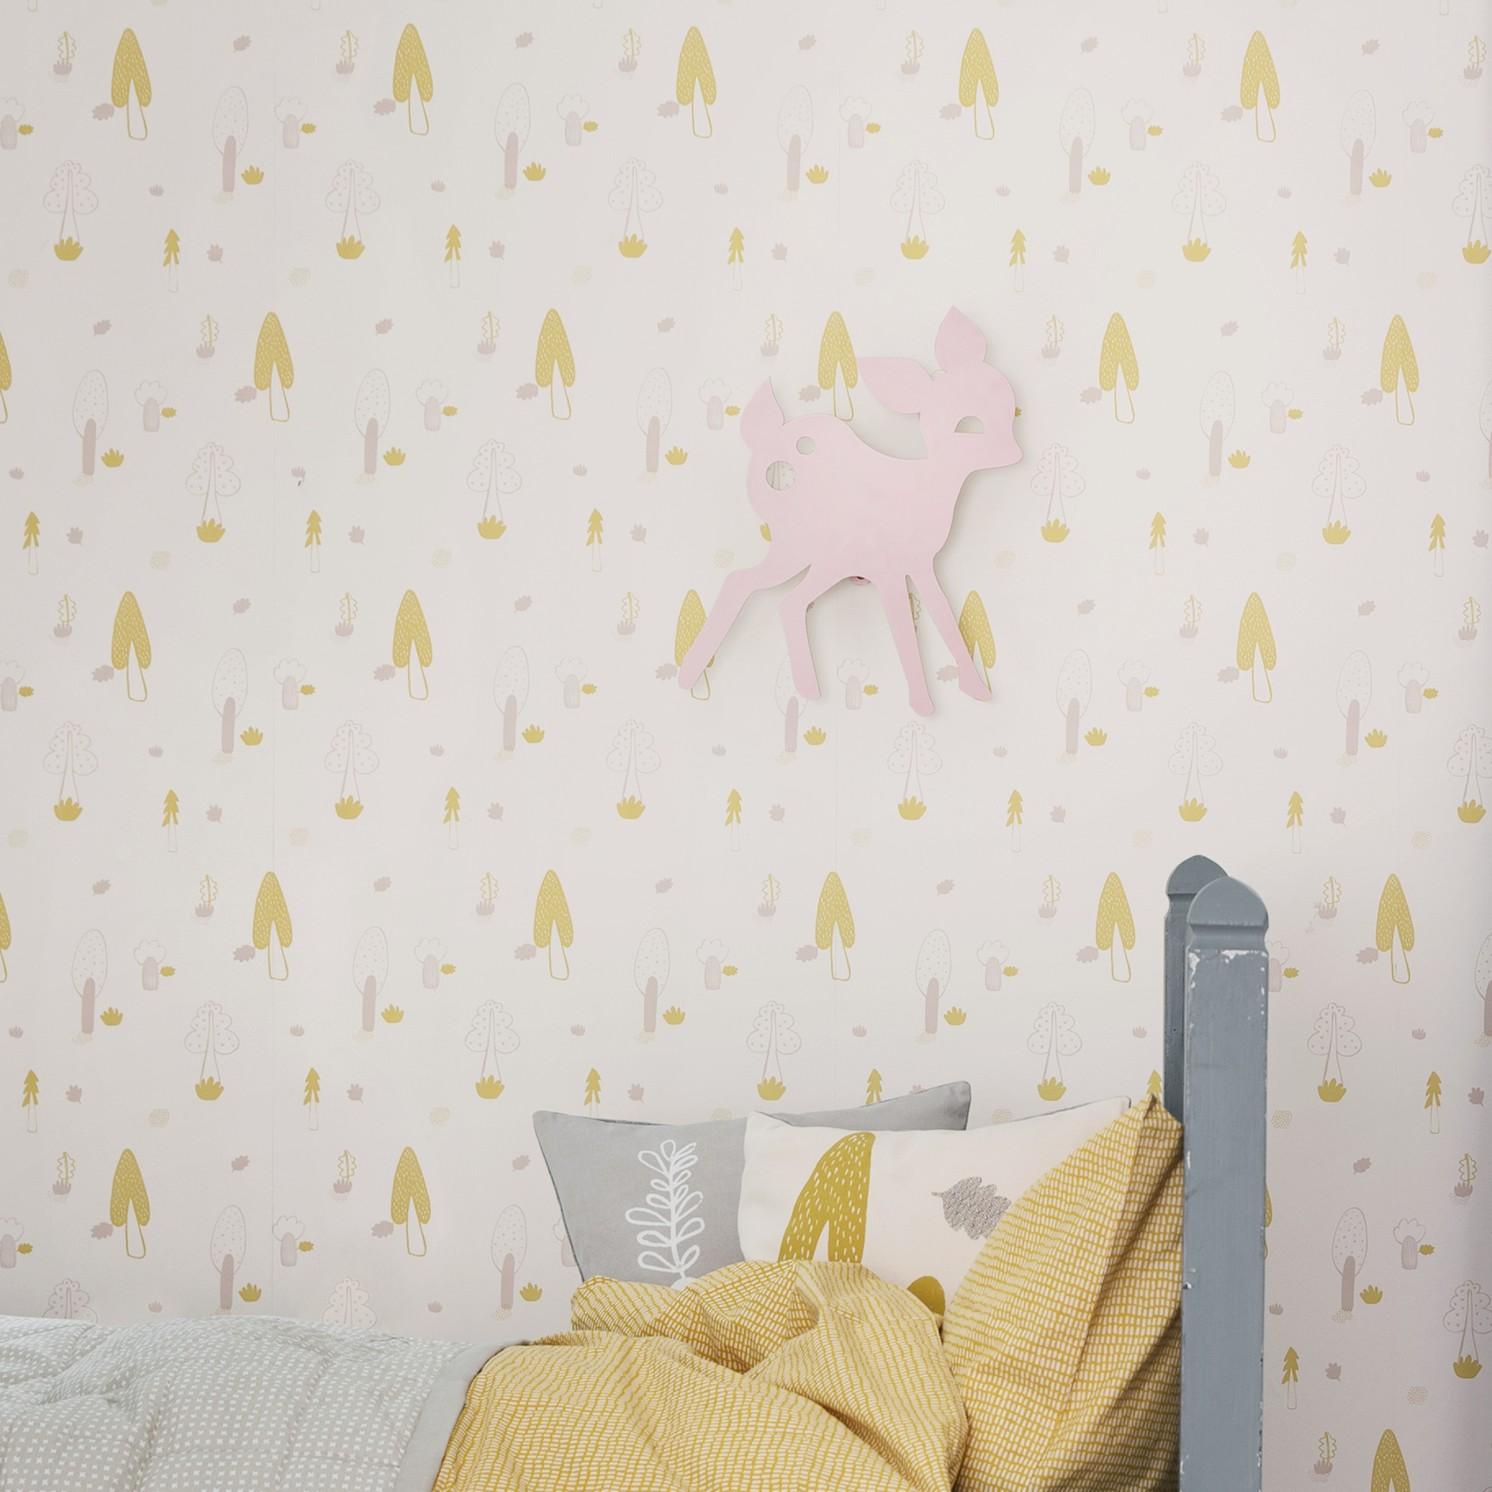 Ferm Living Wallpaper Leo Bella Ferm LIVING Wall Paper Forest Rose